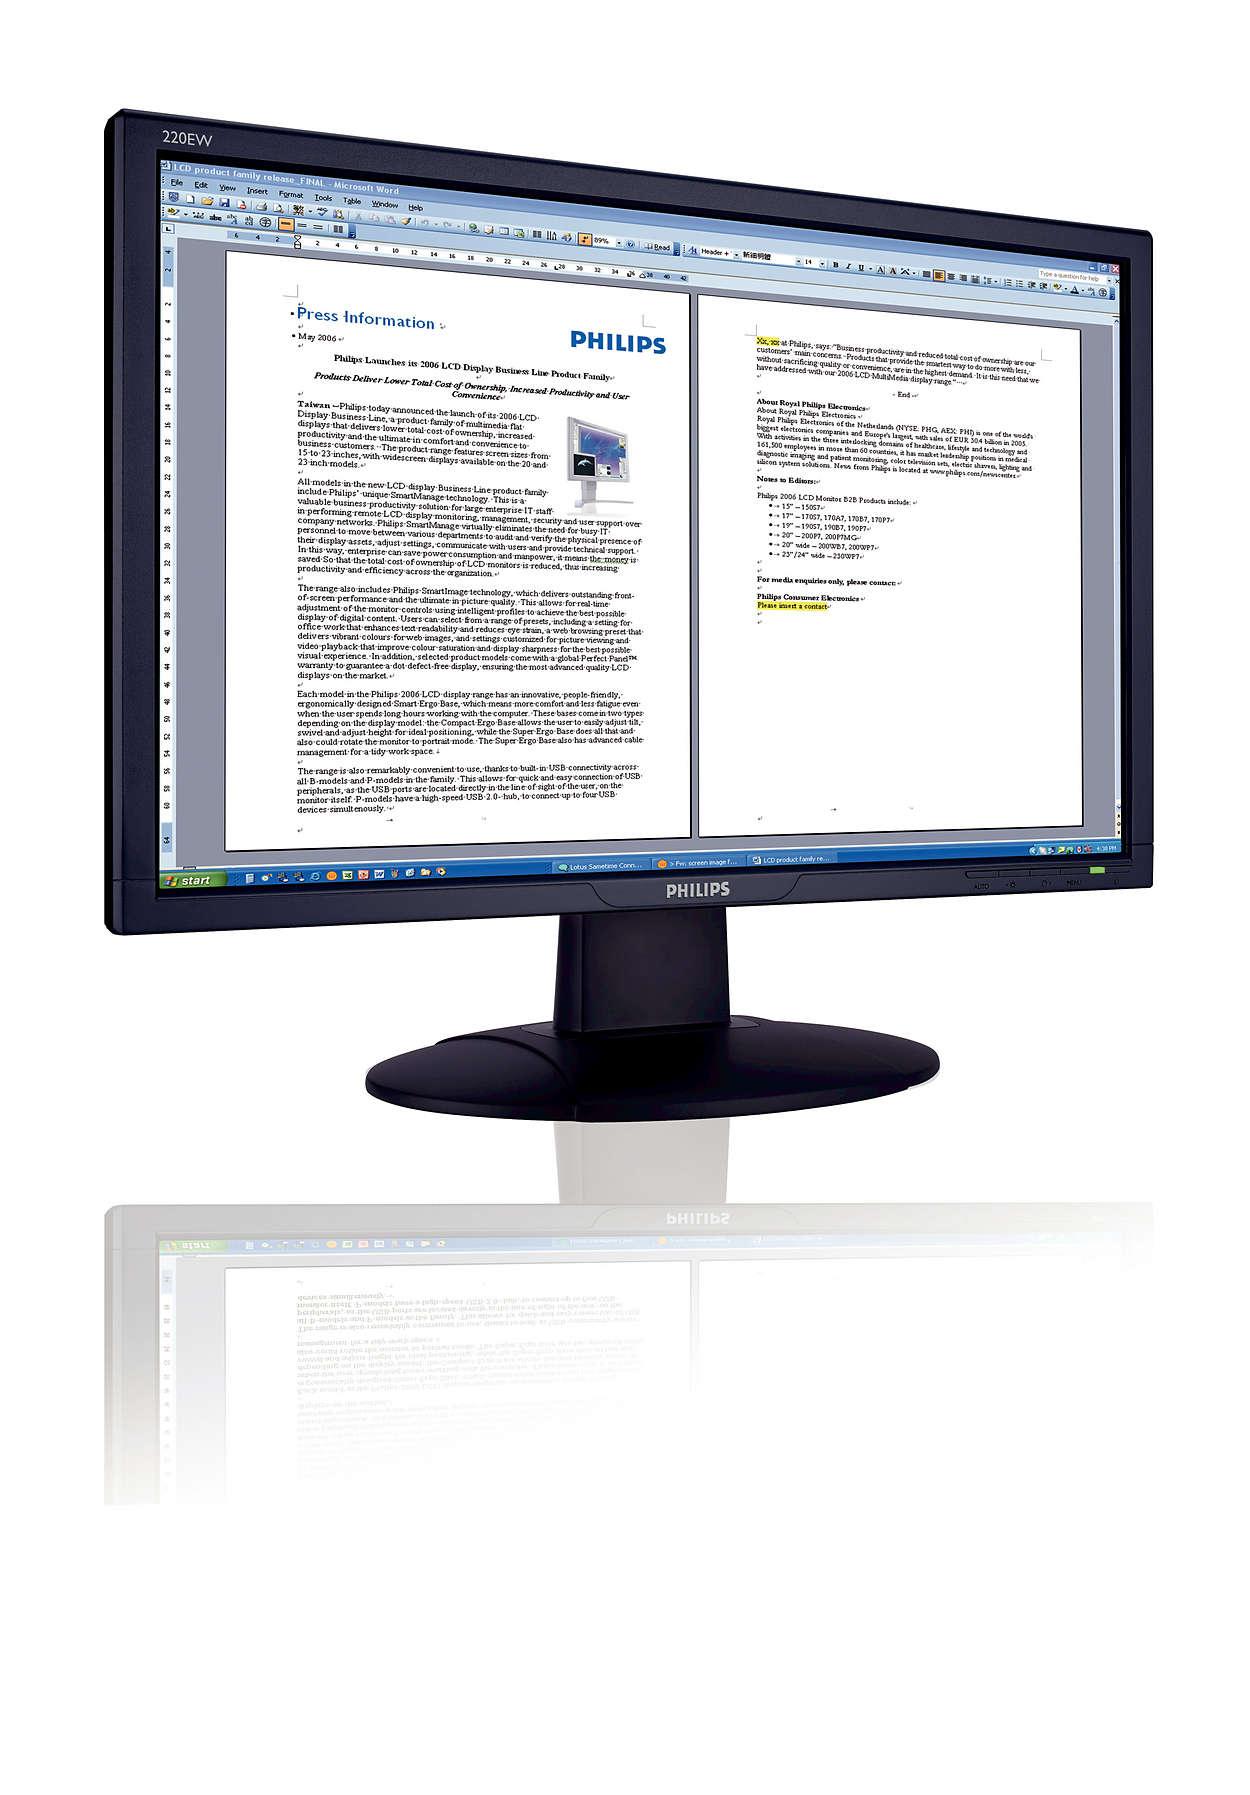 Идеально широкий экран с лучшими экономическими характеристиками